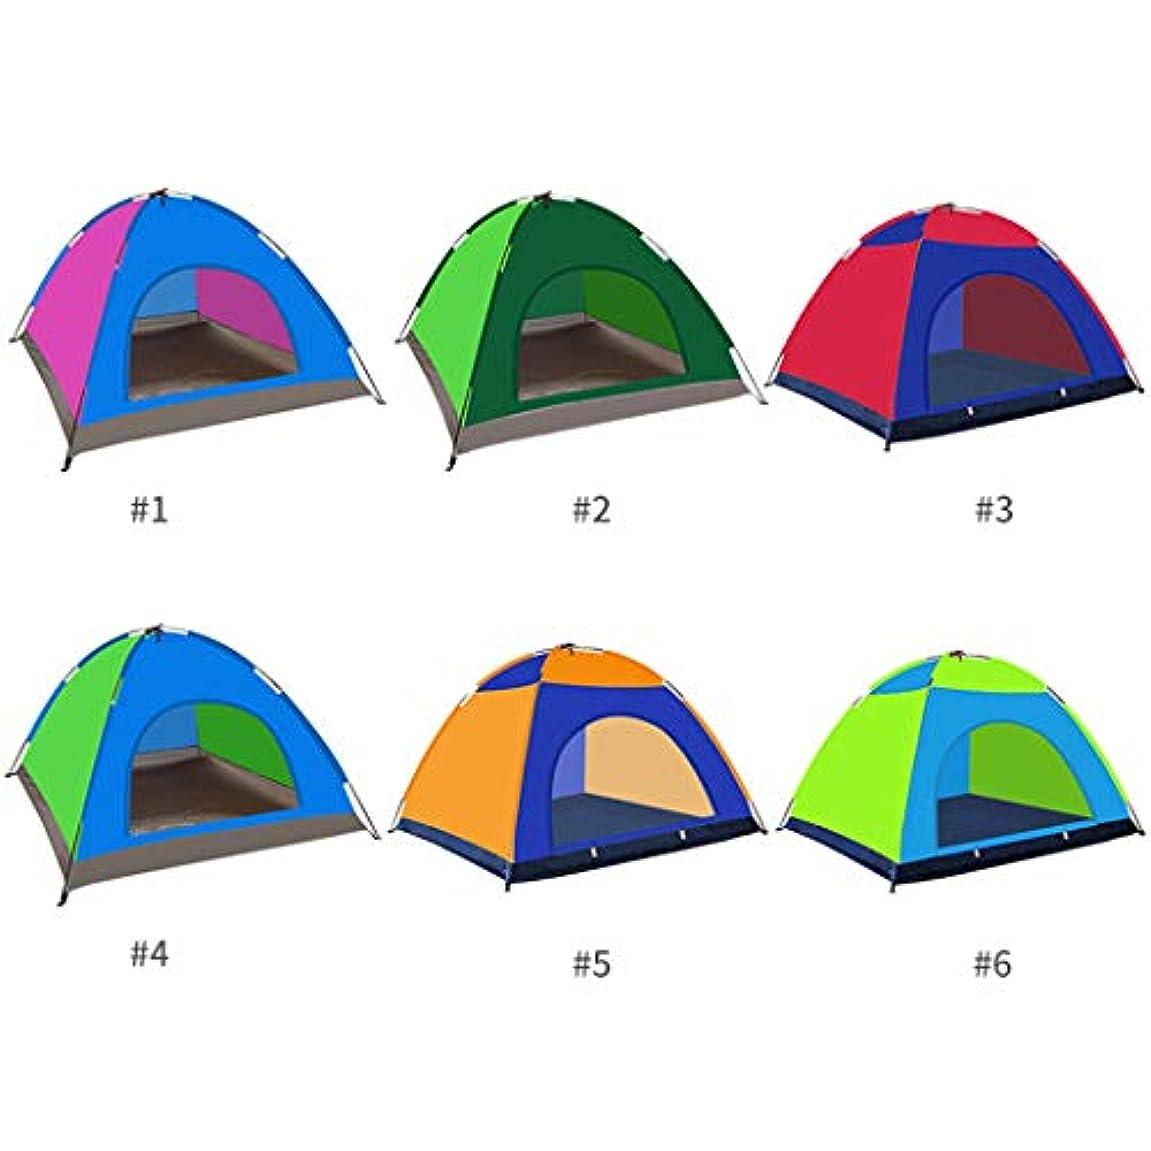 早熟スクリュー慣習キャンプテント_観光用テントがキャンプ用屋外テントを増やします